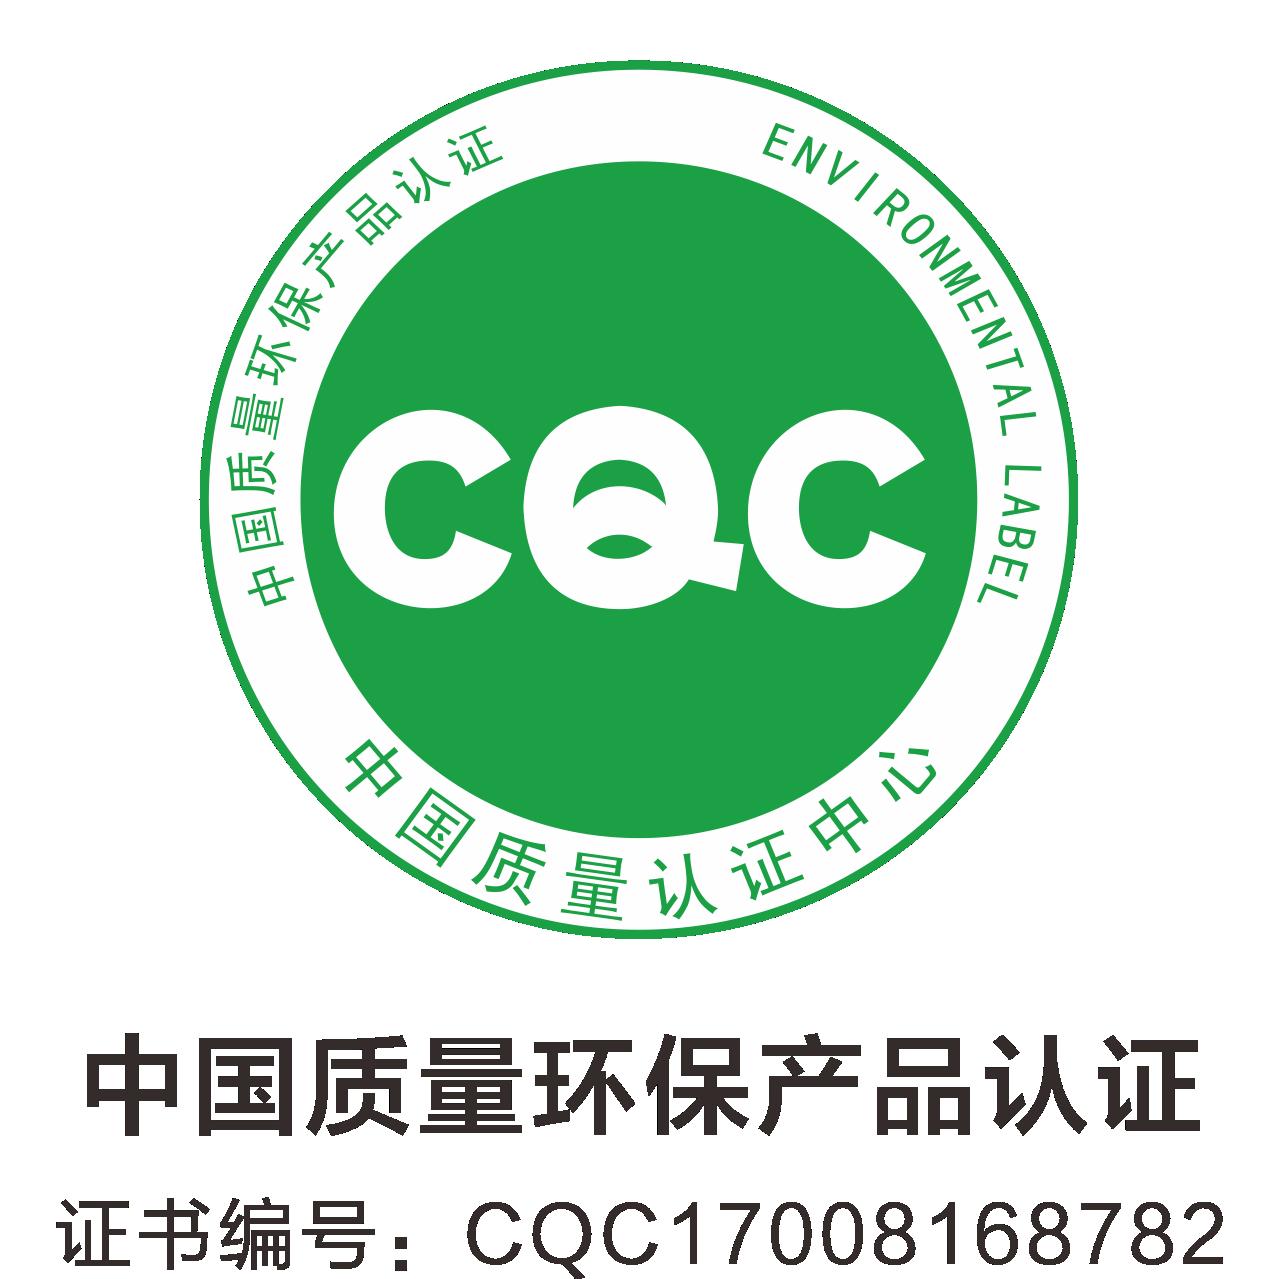 中國質量環保產品保證